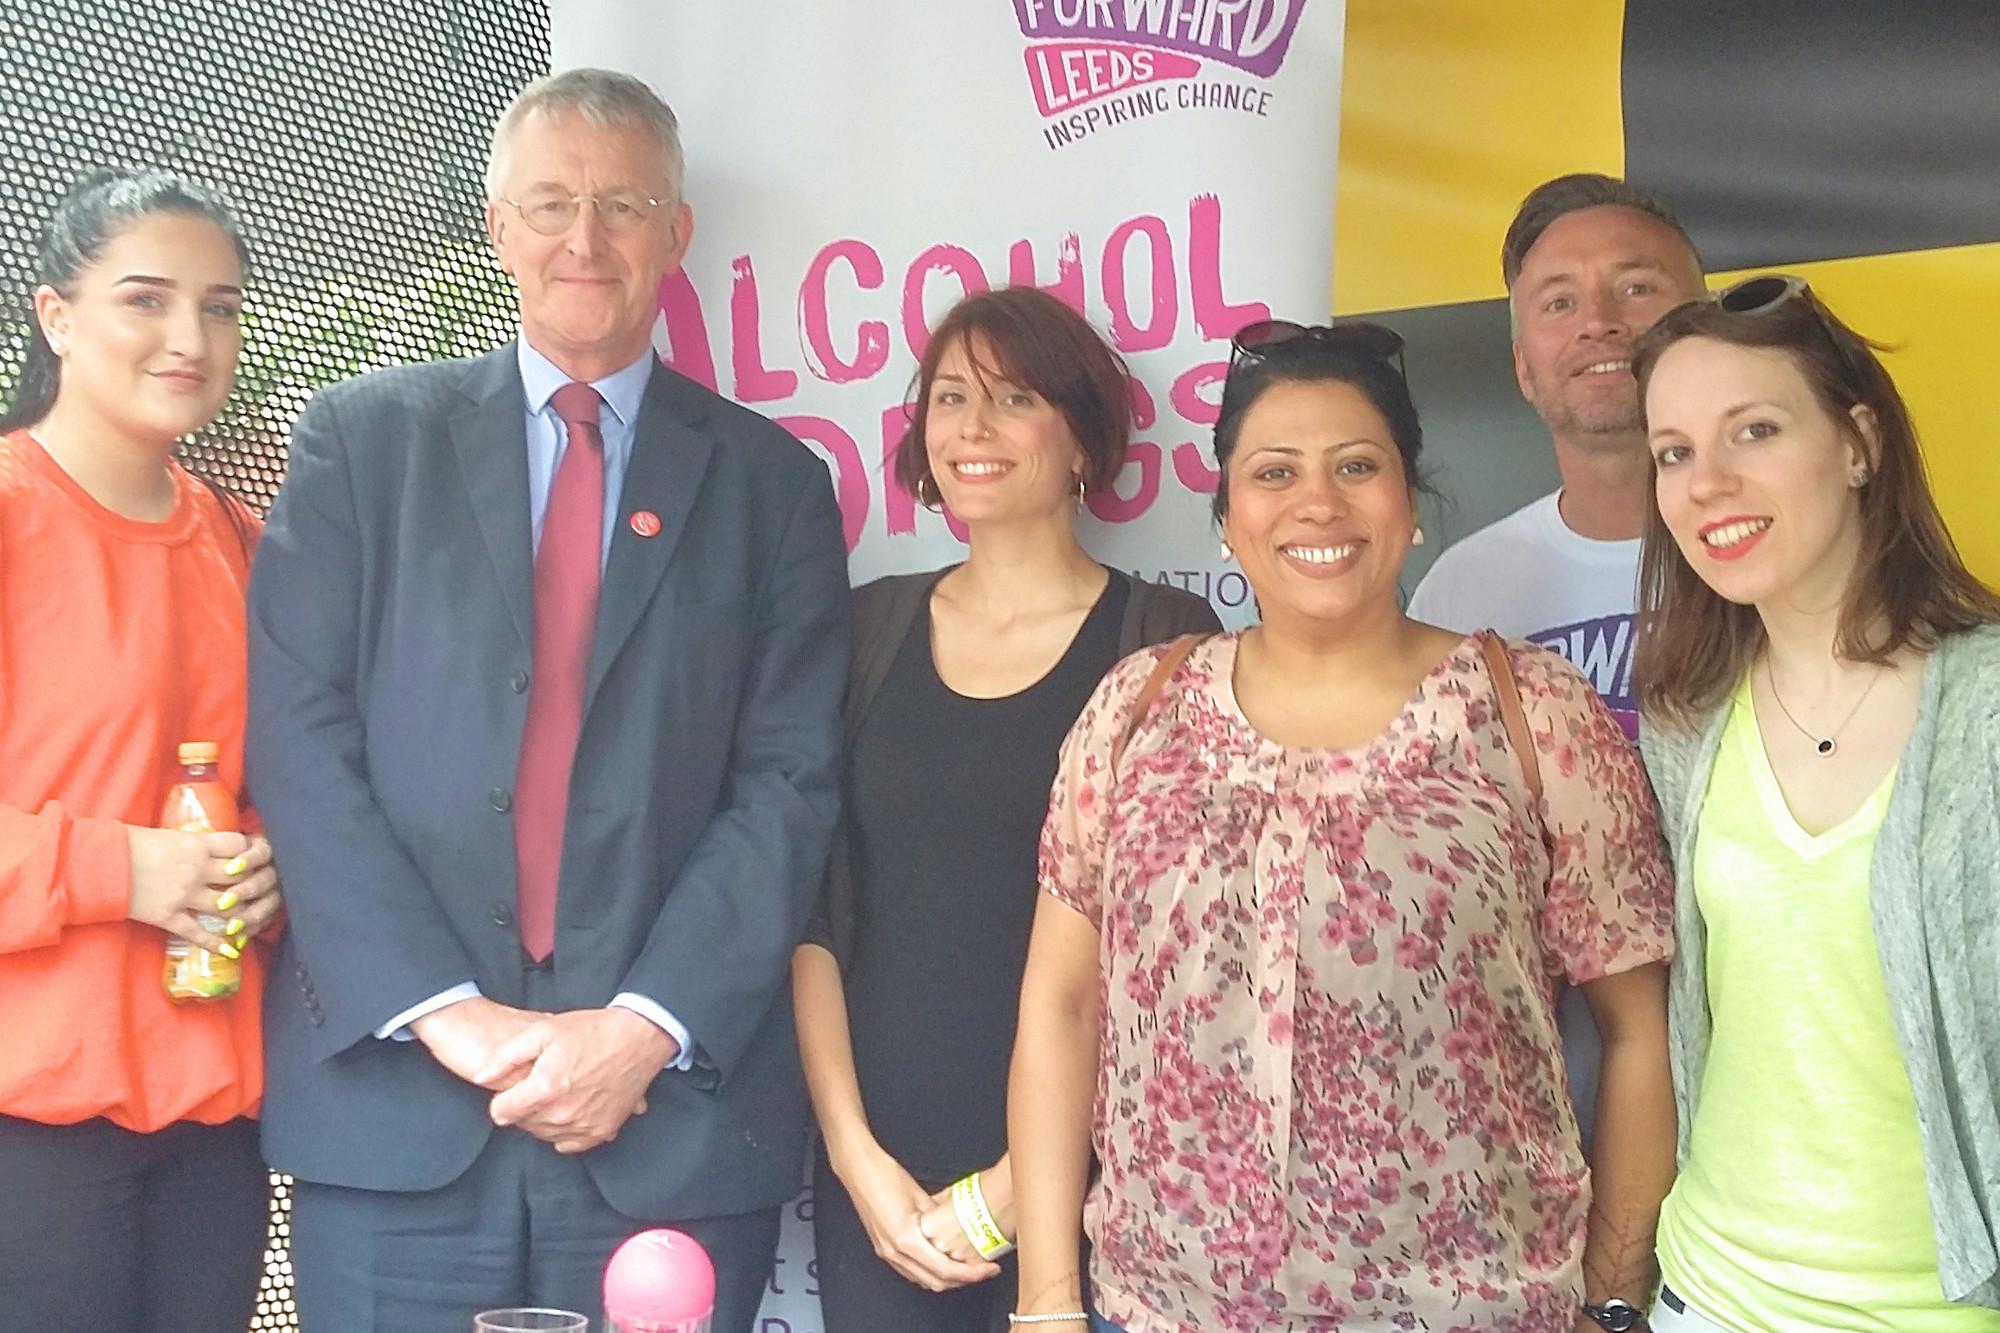 Hilary Benn MP with Forward Leeds staff